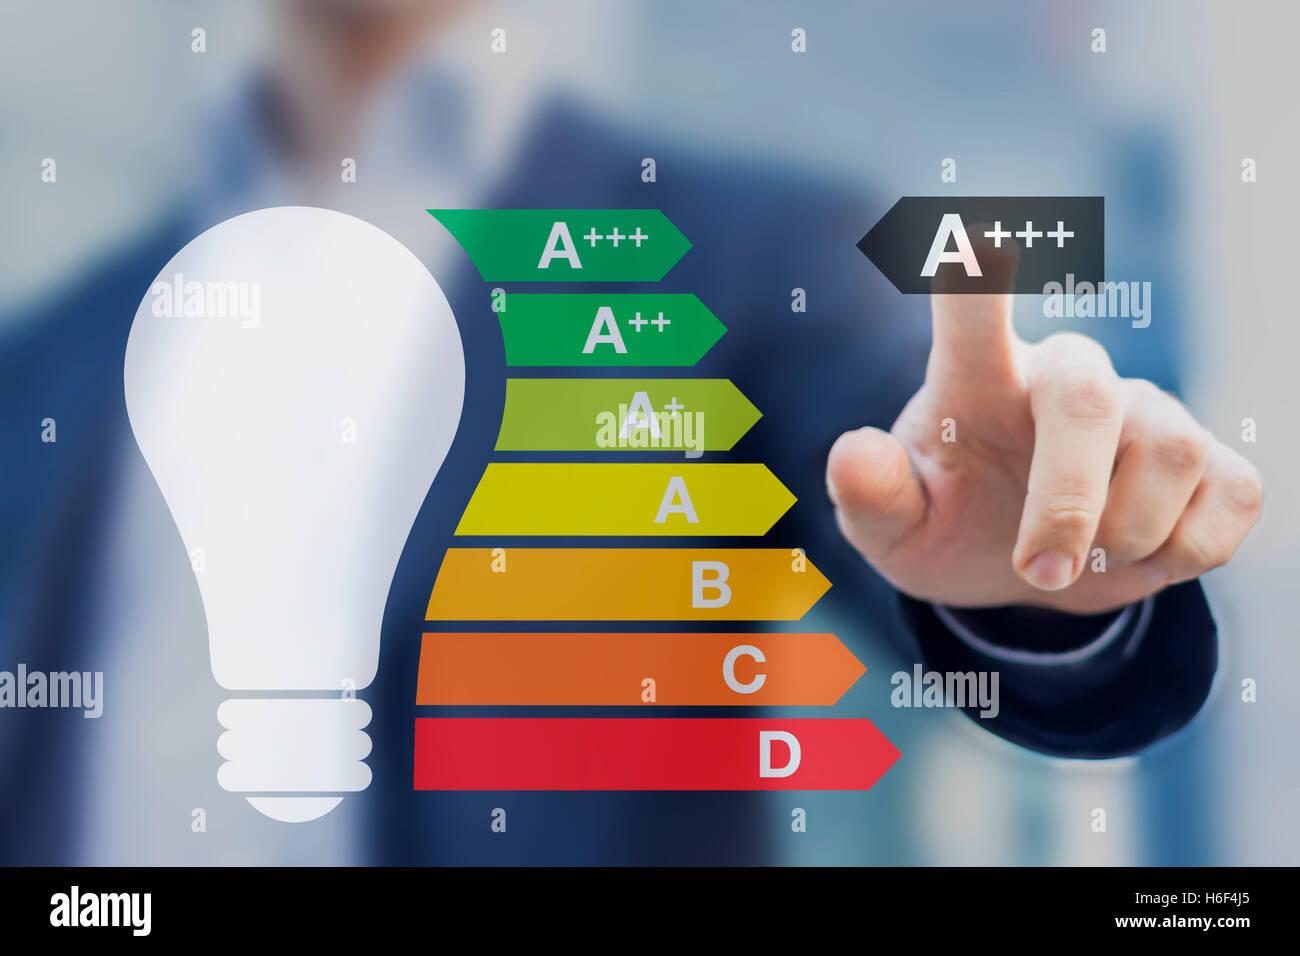 Bombilla con el mejor rendimiento de clase A+++ aparece en la etiqueta de eficiencia energética europea Imagen De Stock